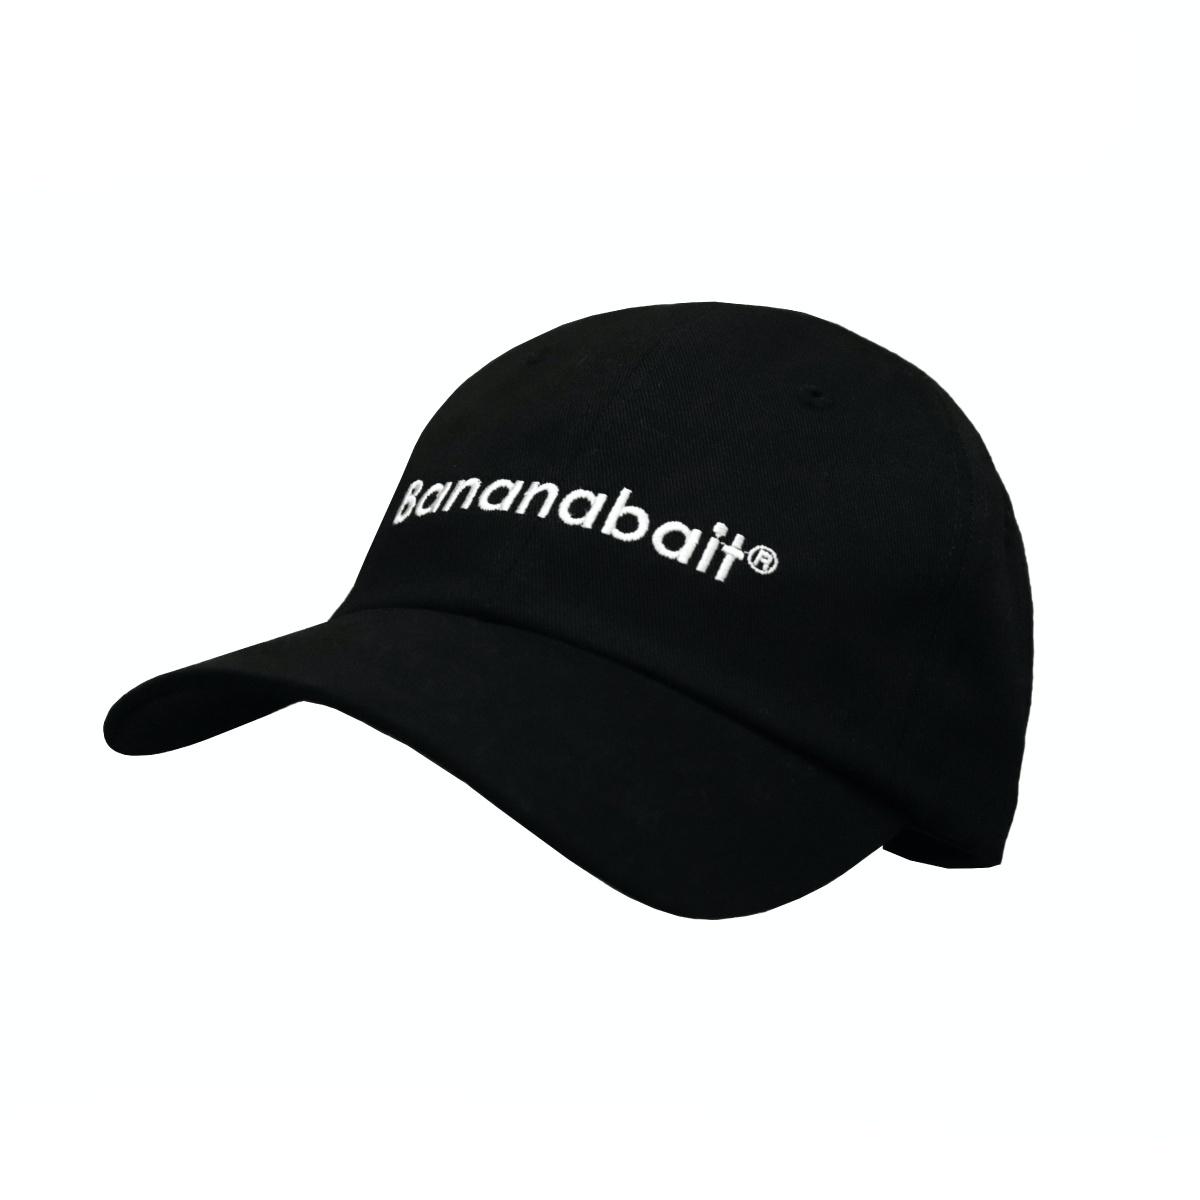 【Banana Bait】BANANA BAIT BASIC BALL CAP / Black